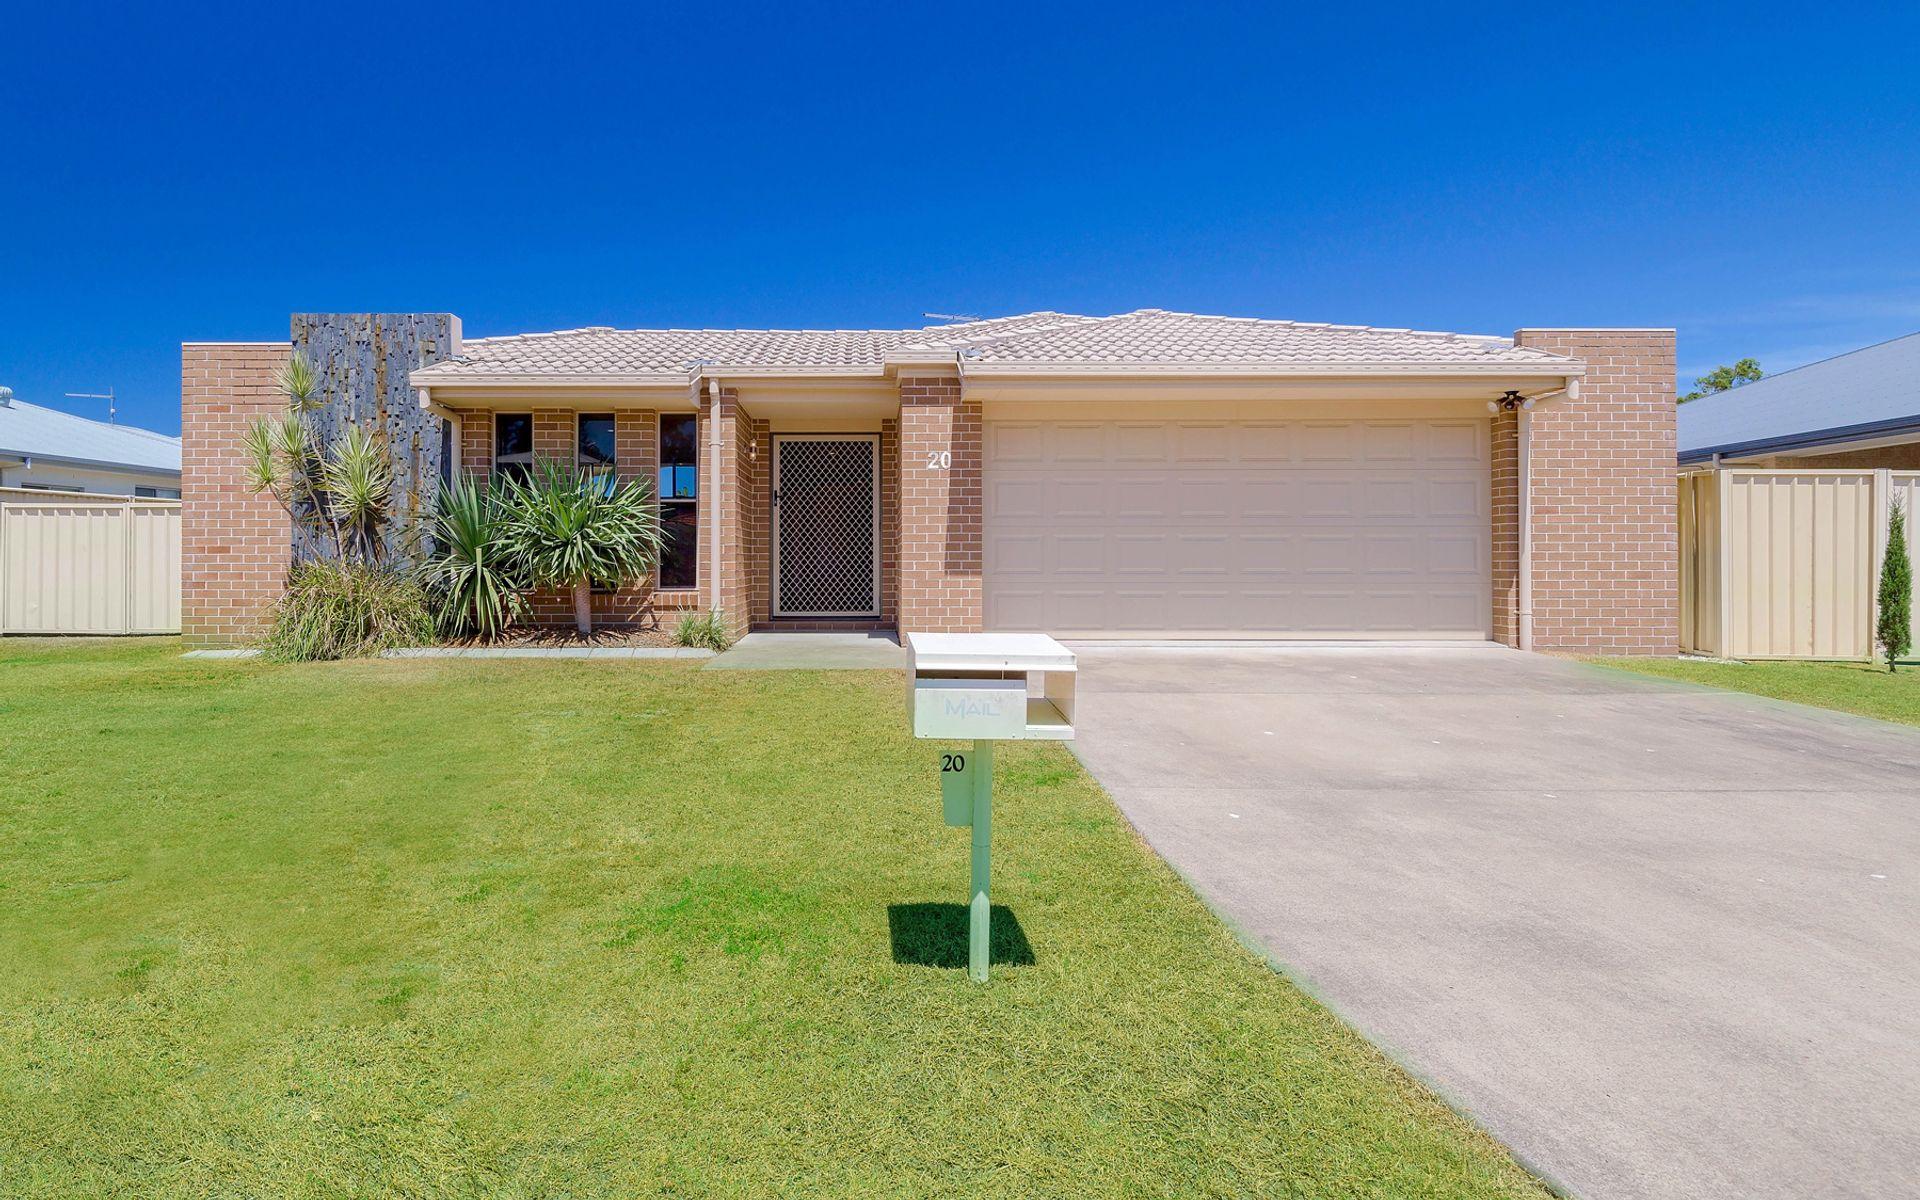 20 William Avenue, Yamba, NSW 2464